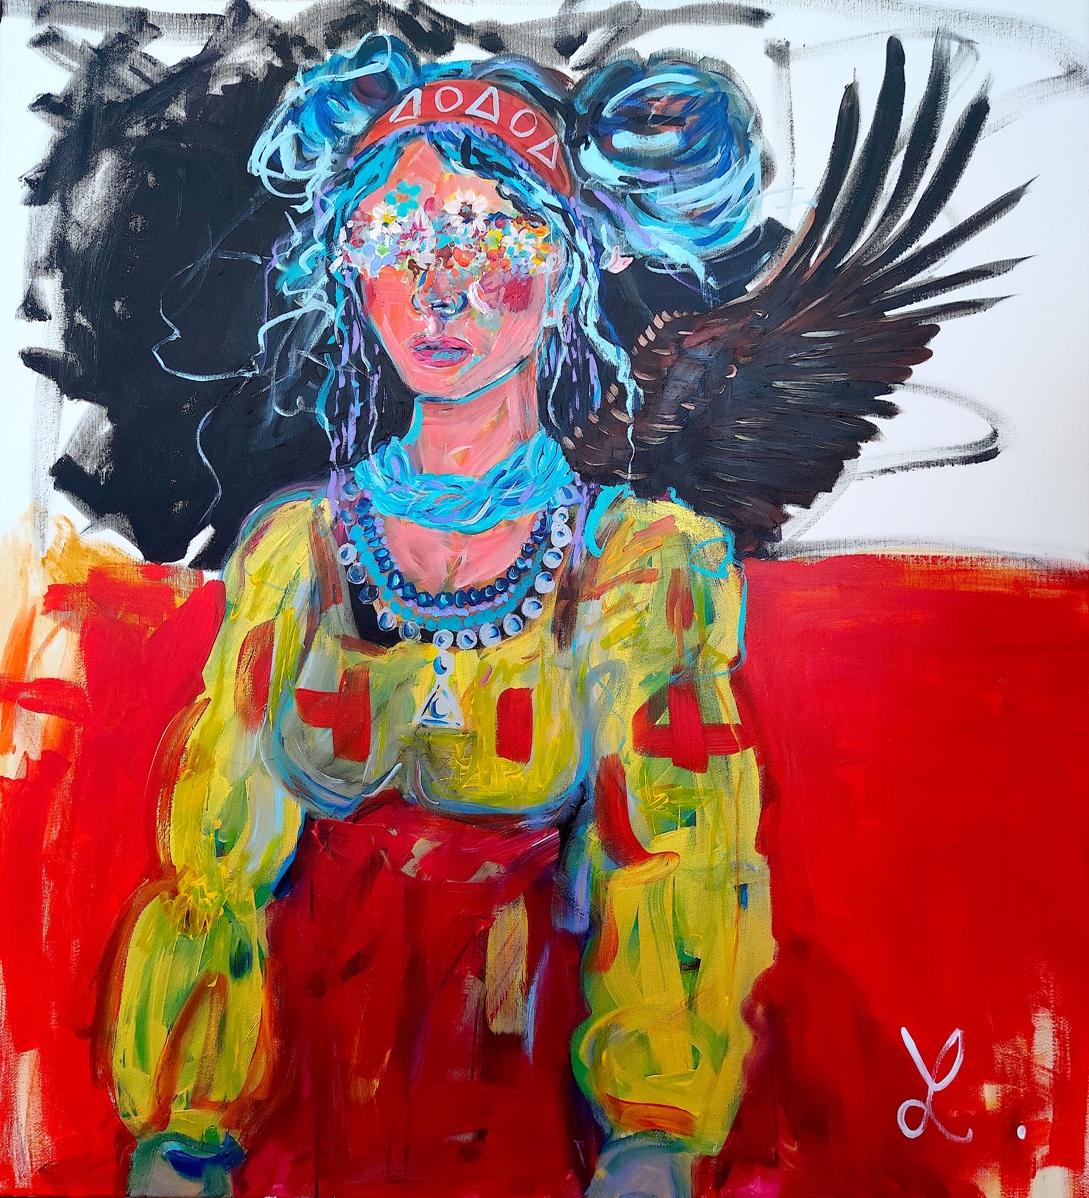 Linda Bachammar's Solo Exhibition in Paris